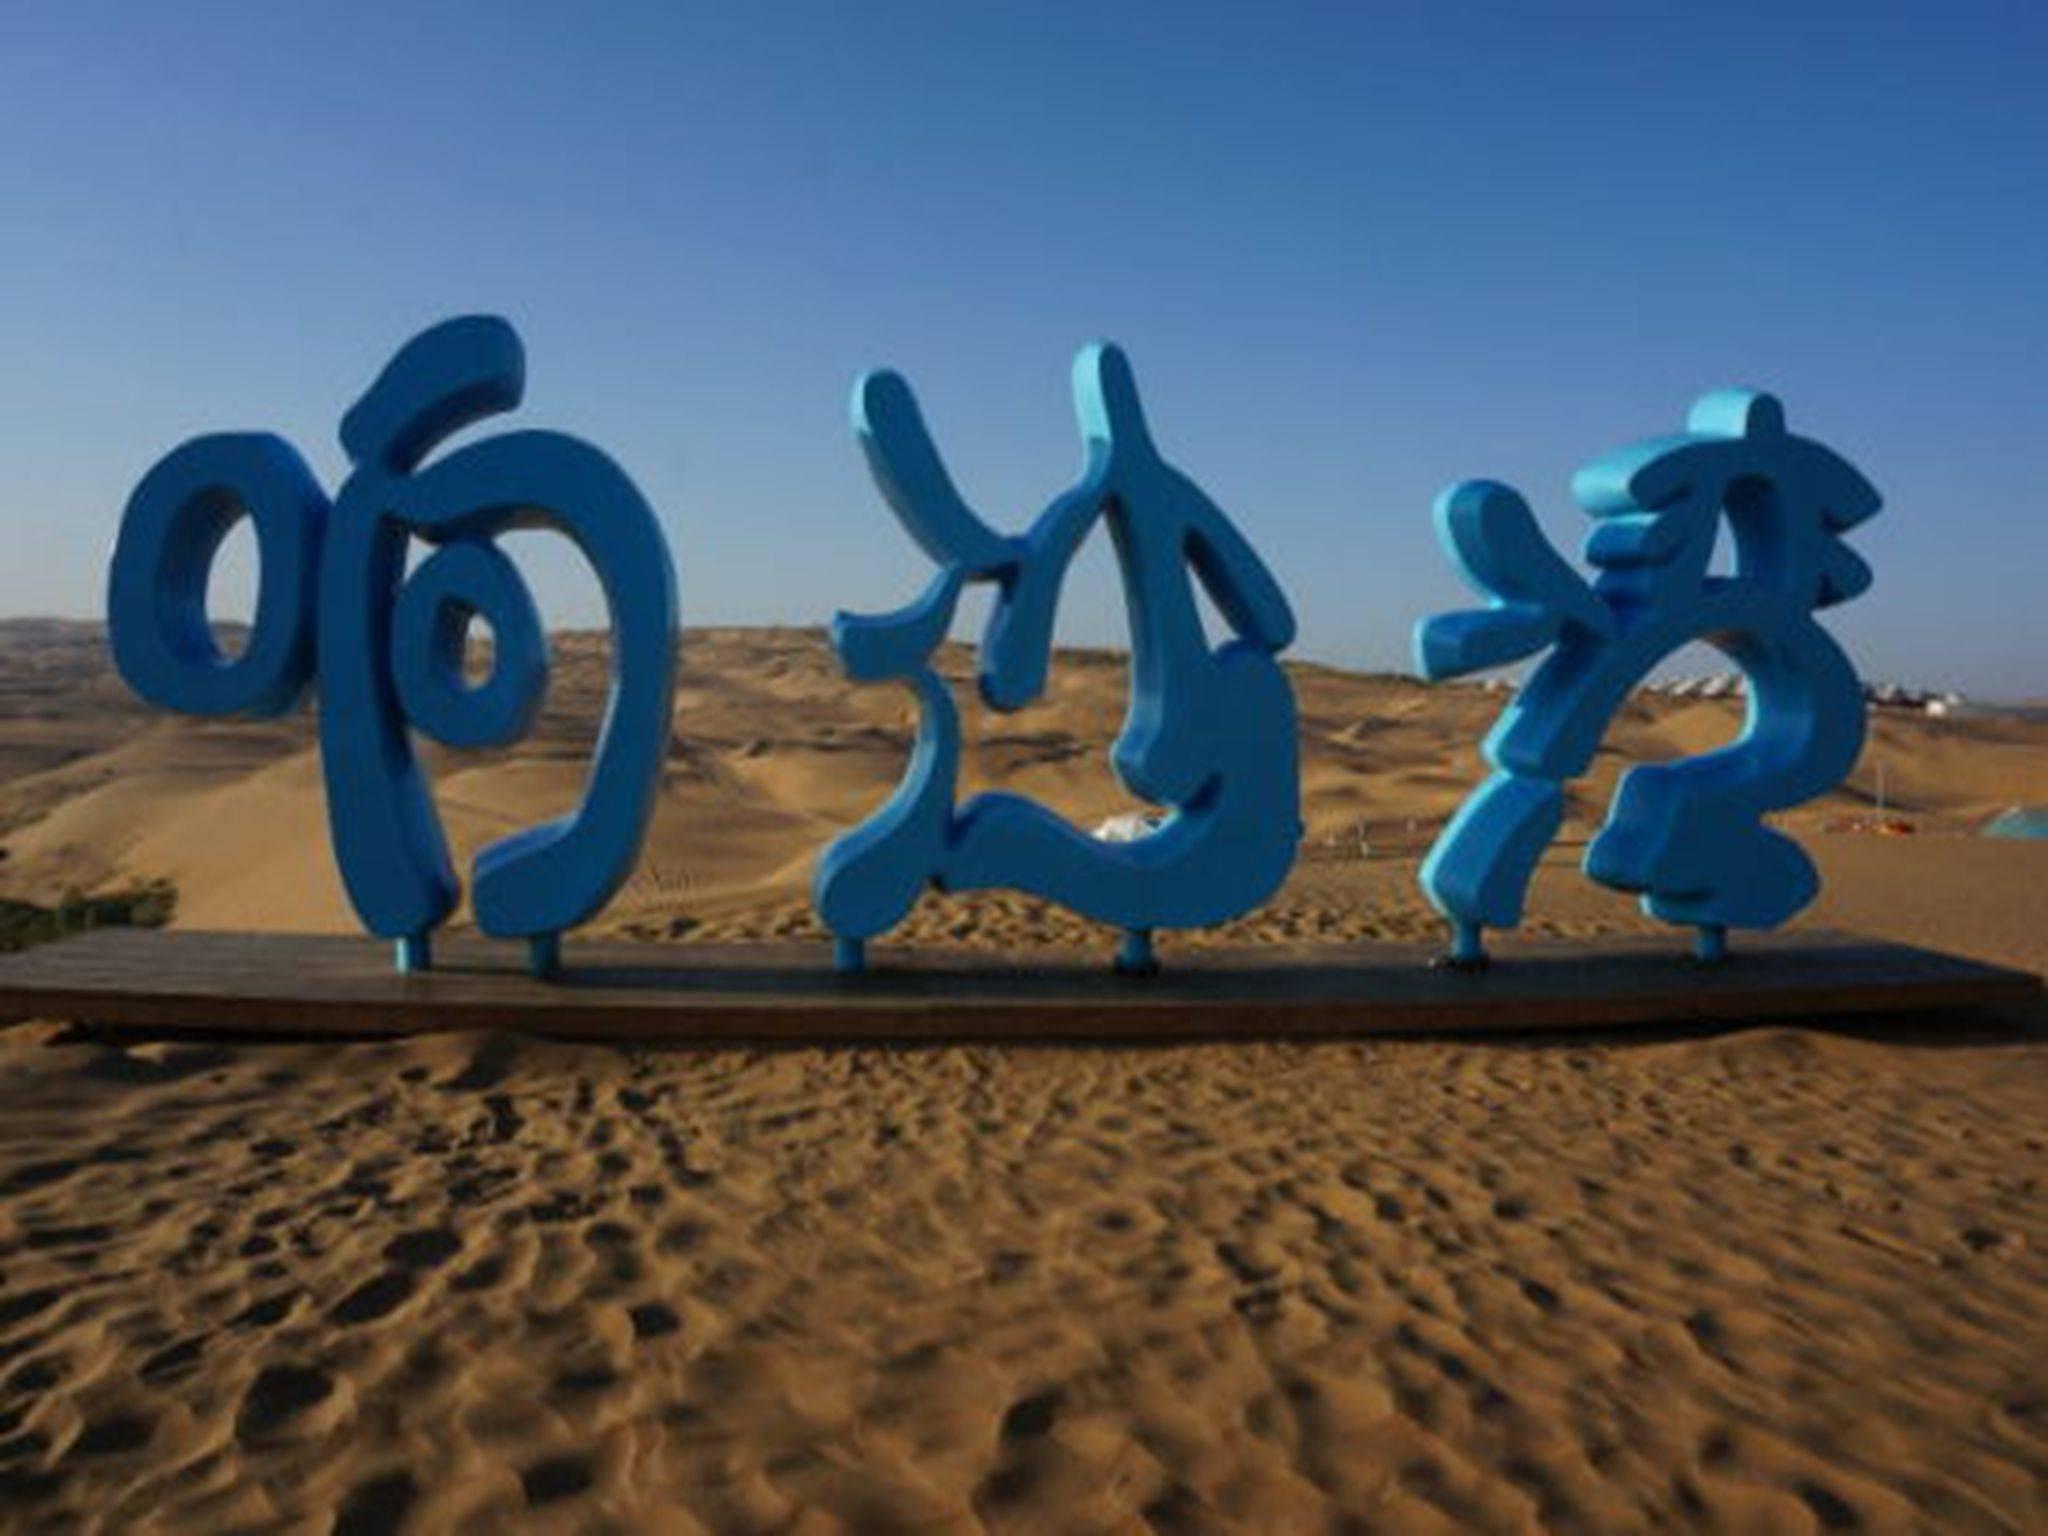 内蒙古鄂尔多斯与山西太原的2021年一季度GDP谁更高?